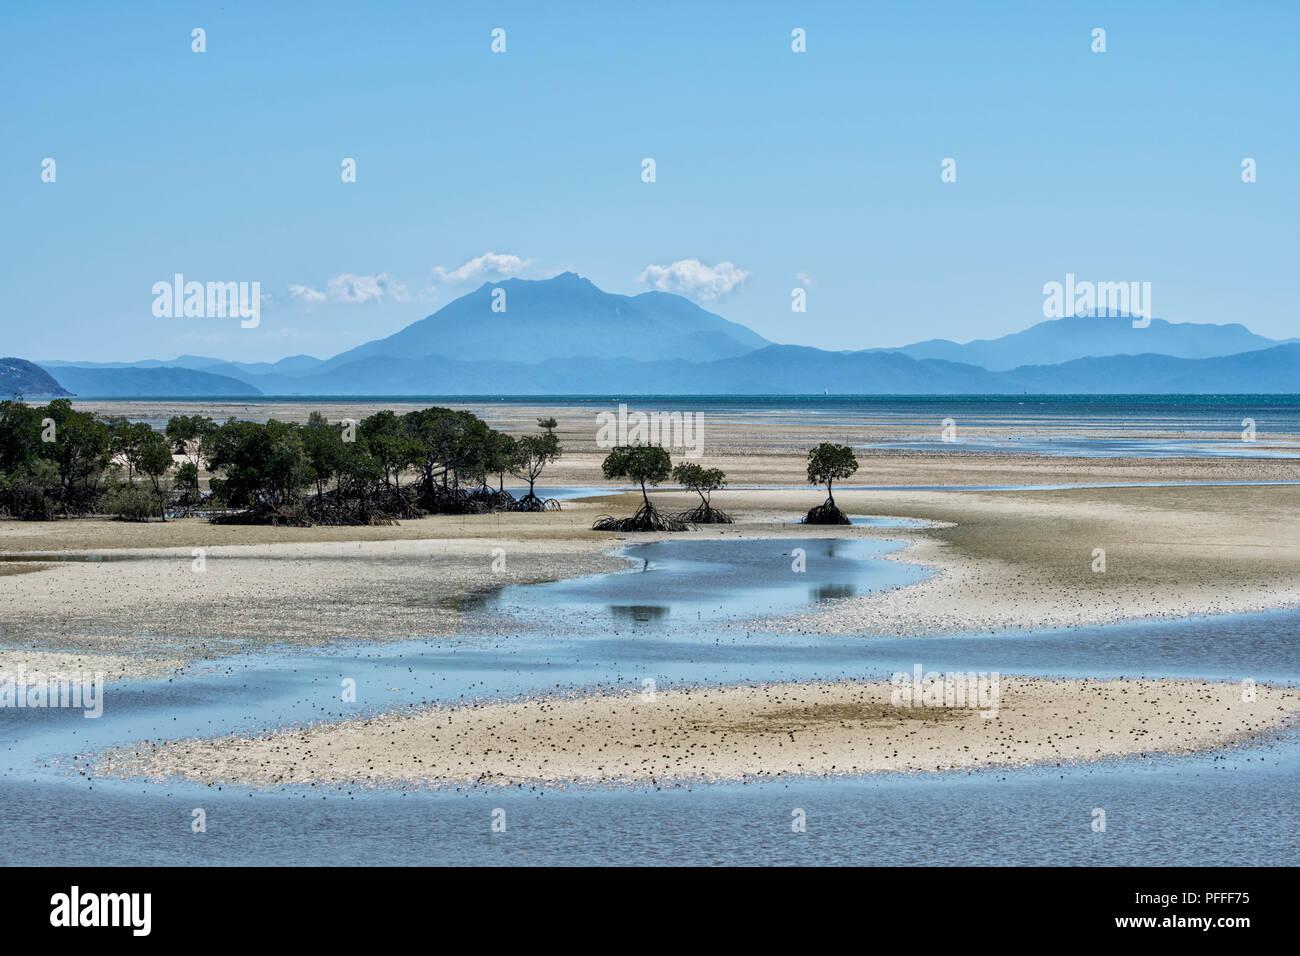 Malerischer Blick auf Yule Point in der Nähe von Port Douglas, Far North Queensland, FNQ, QLD, Australien Stockbild